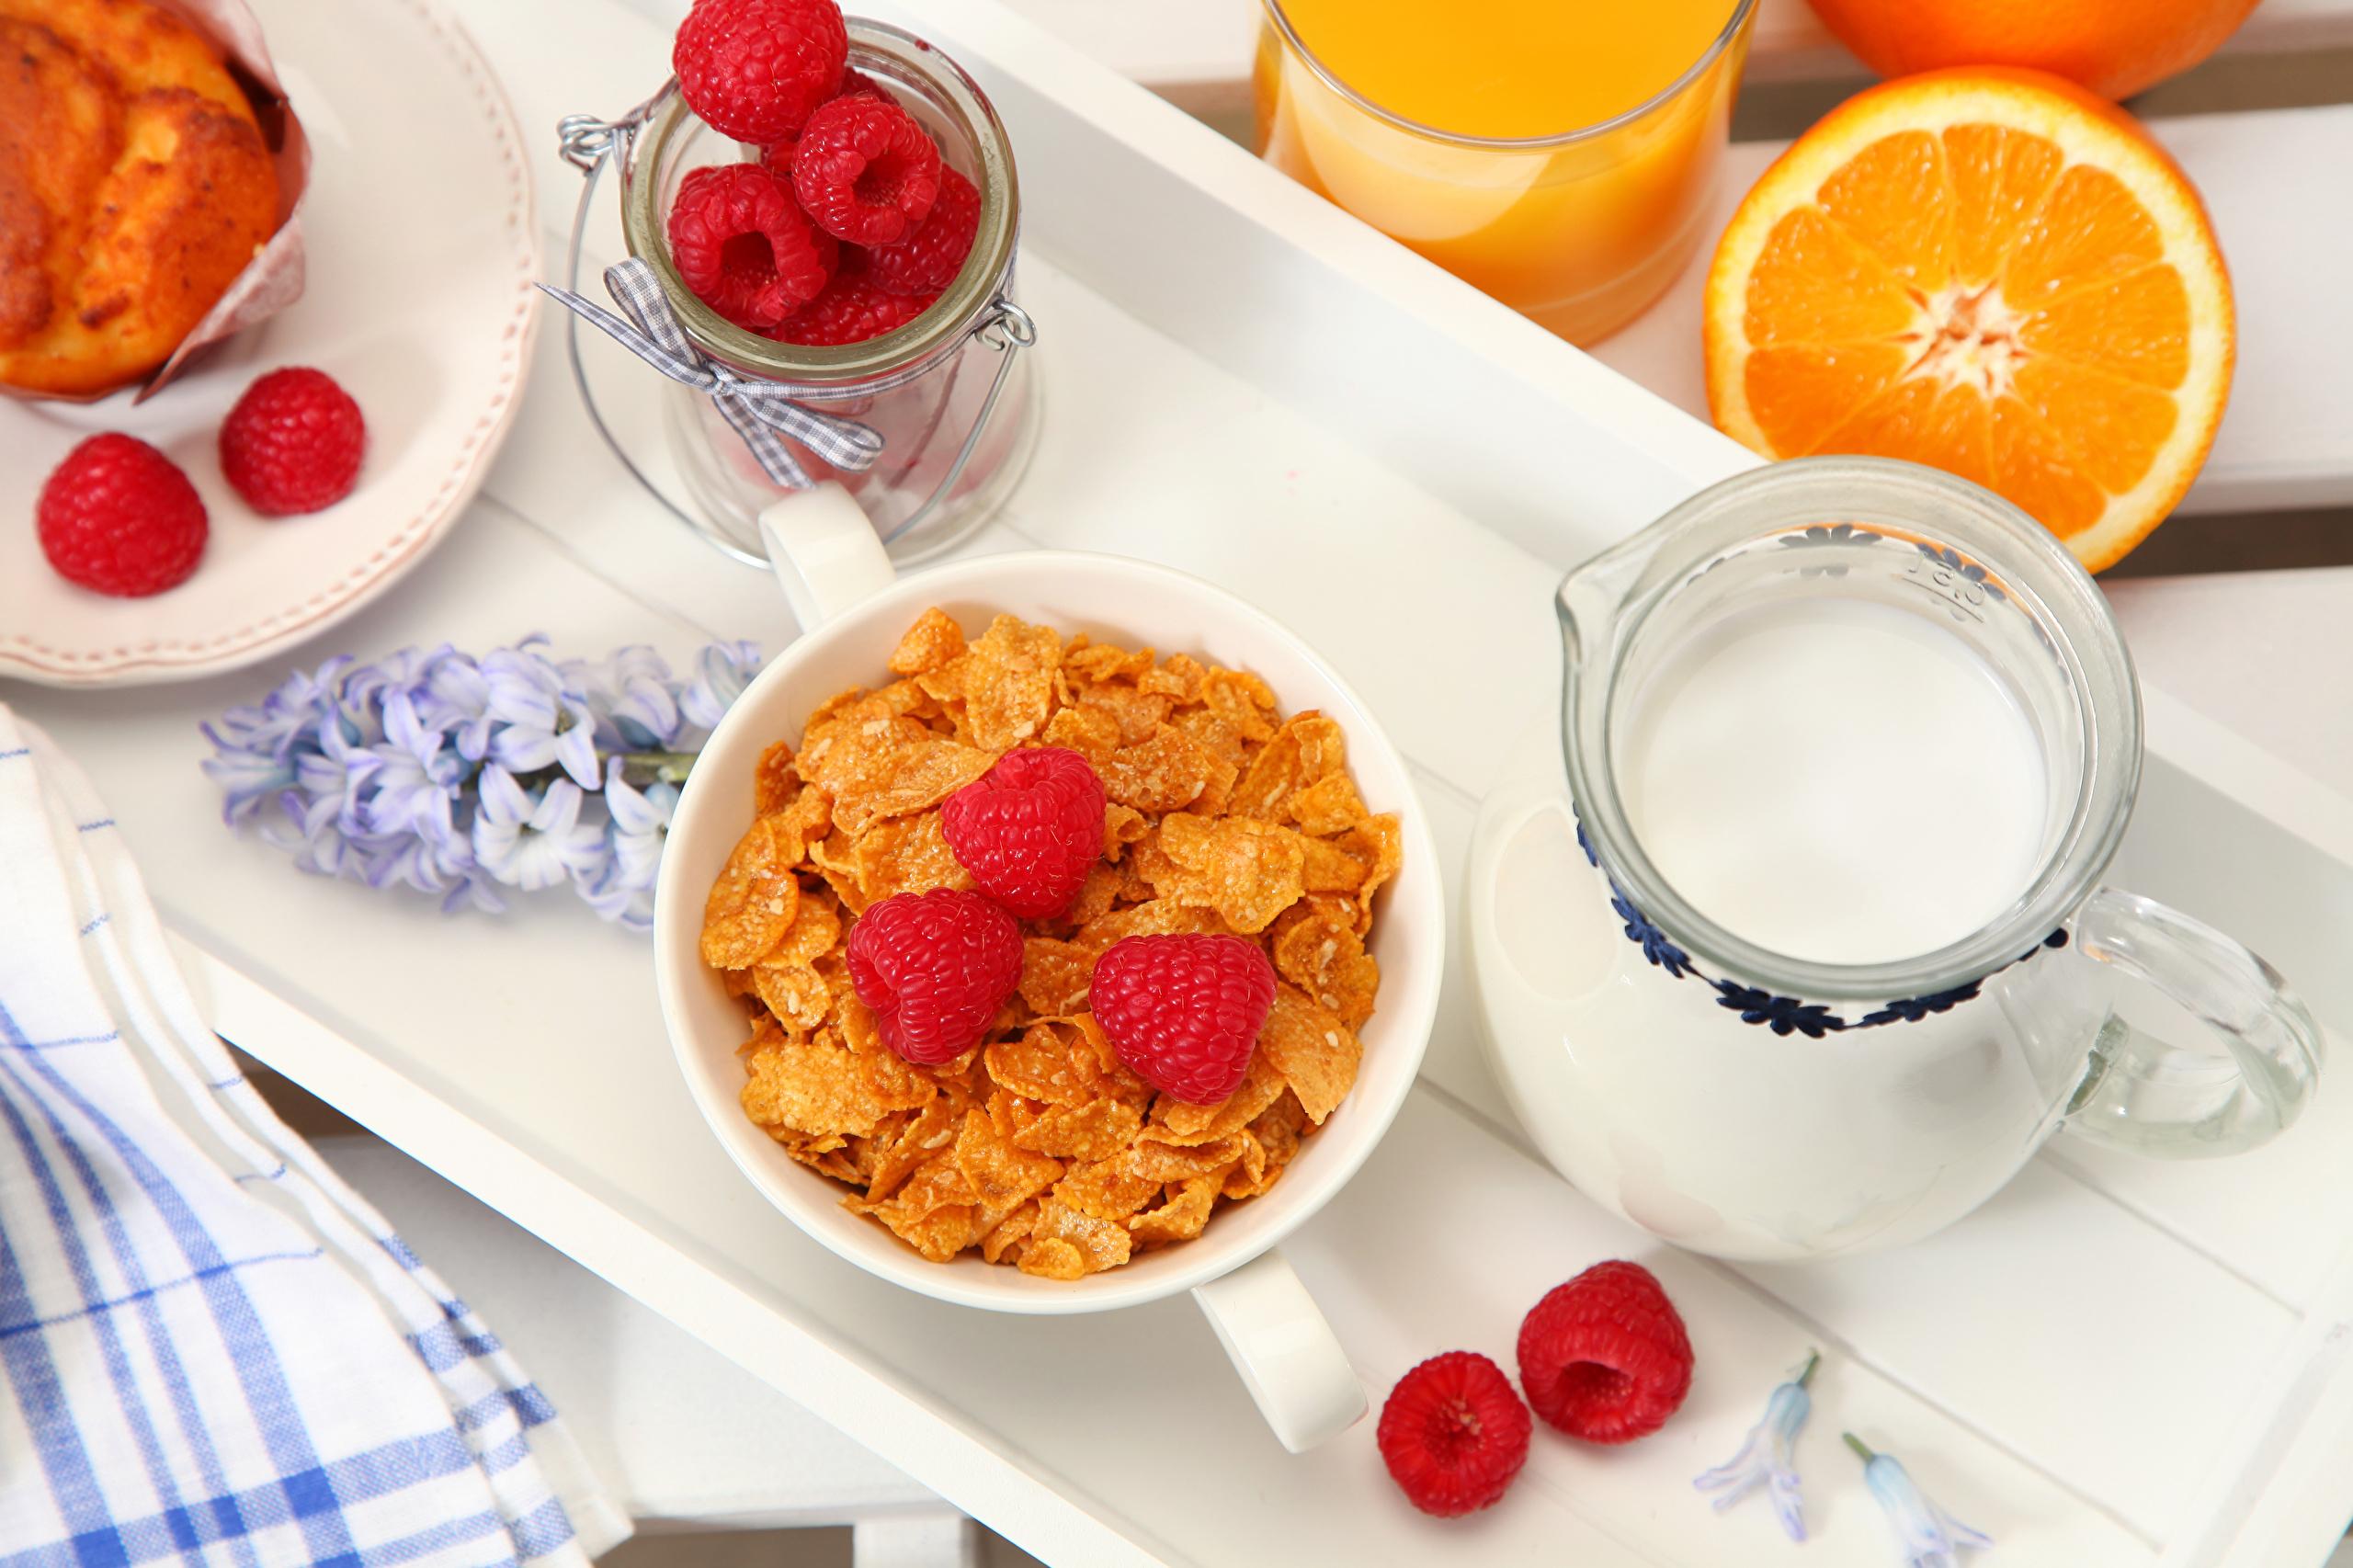 малина в молоке raspberry in milk без смс